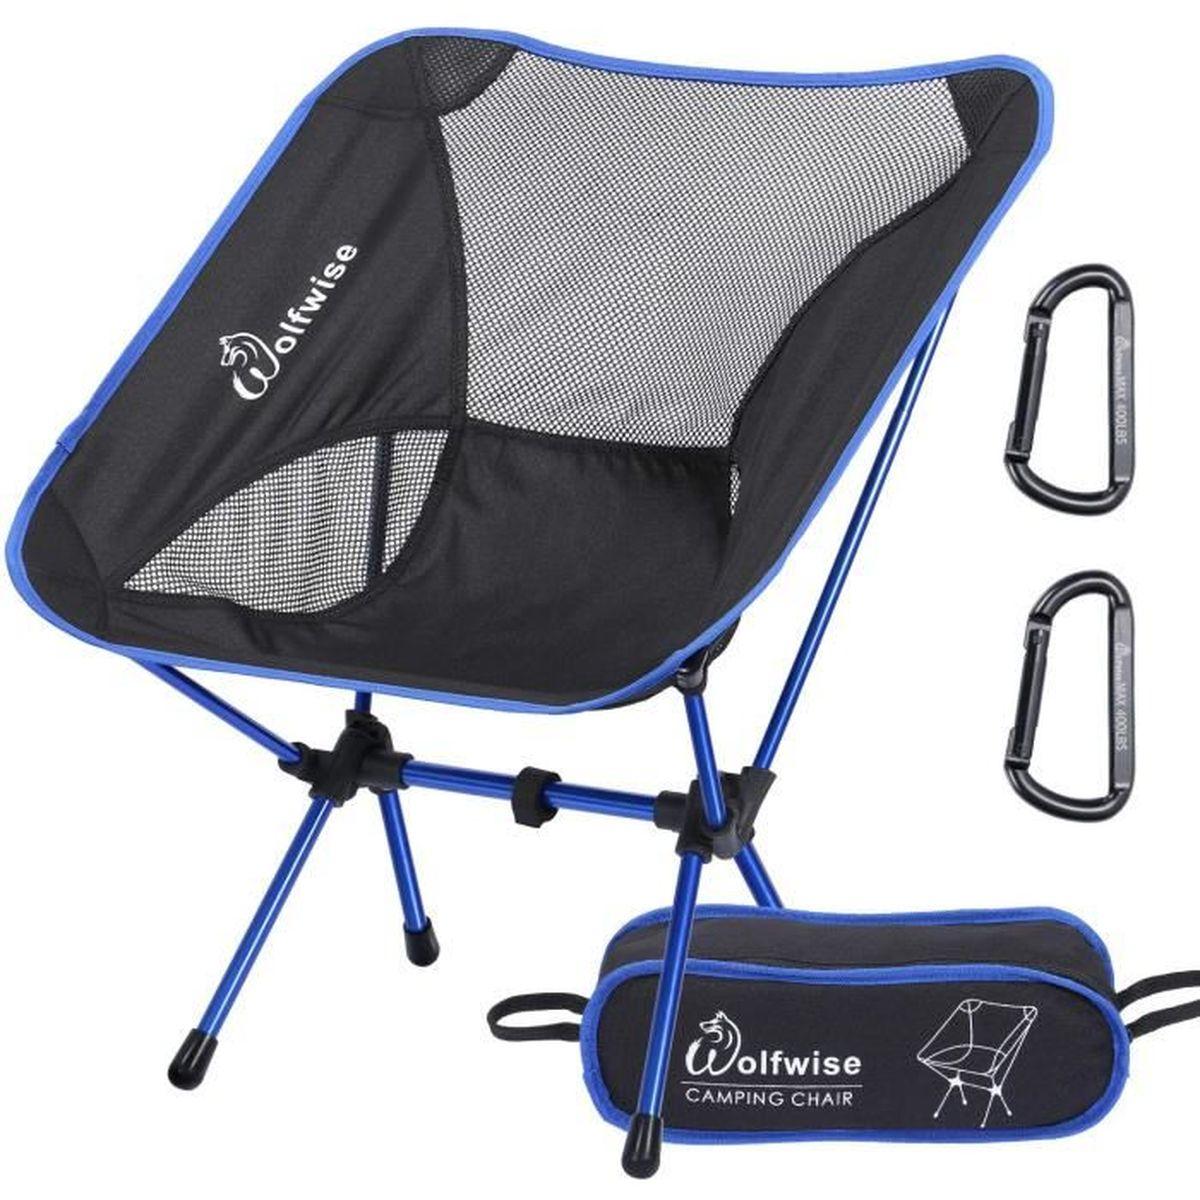 Chaise Légère Wolfwise De Pliante Avec Camping Sac Solide Et N8mw0n